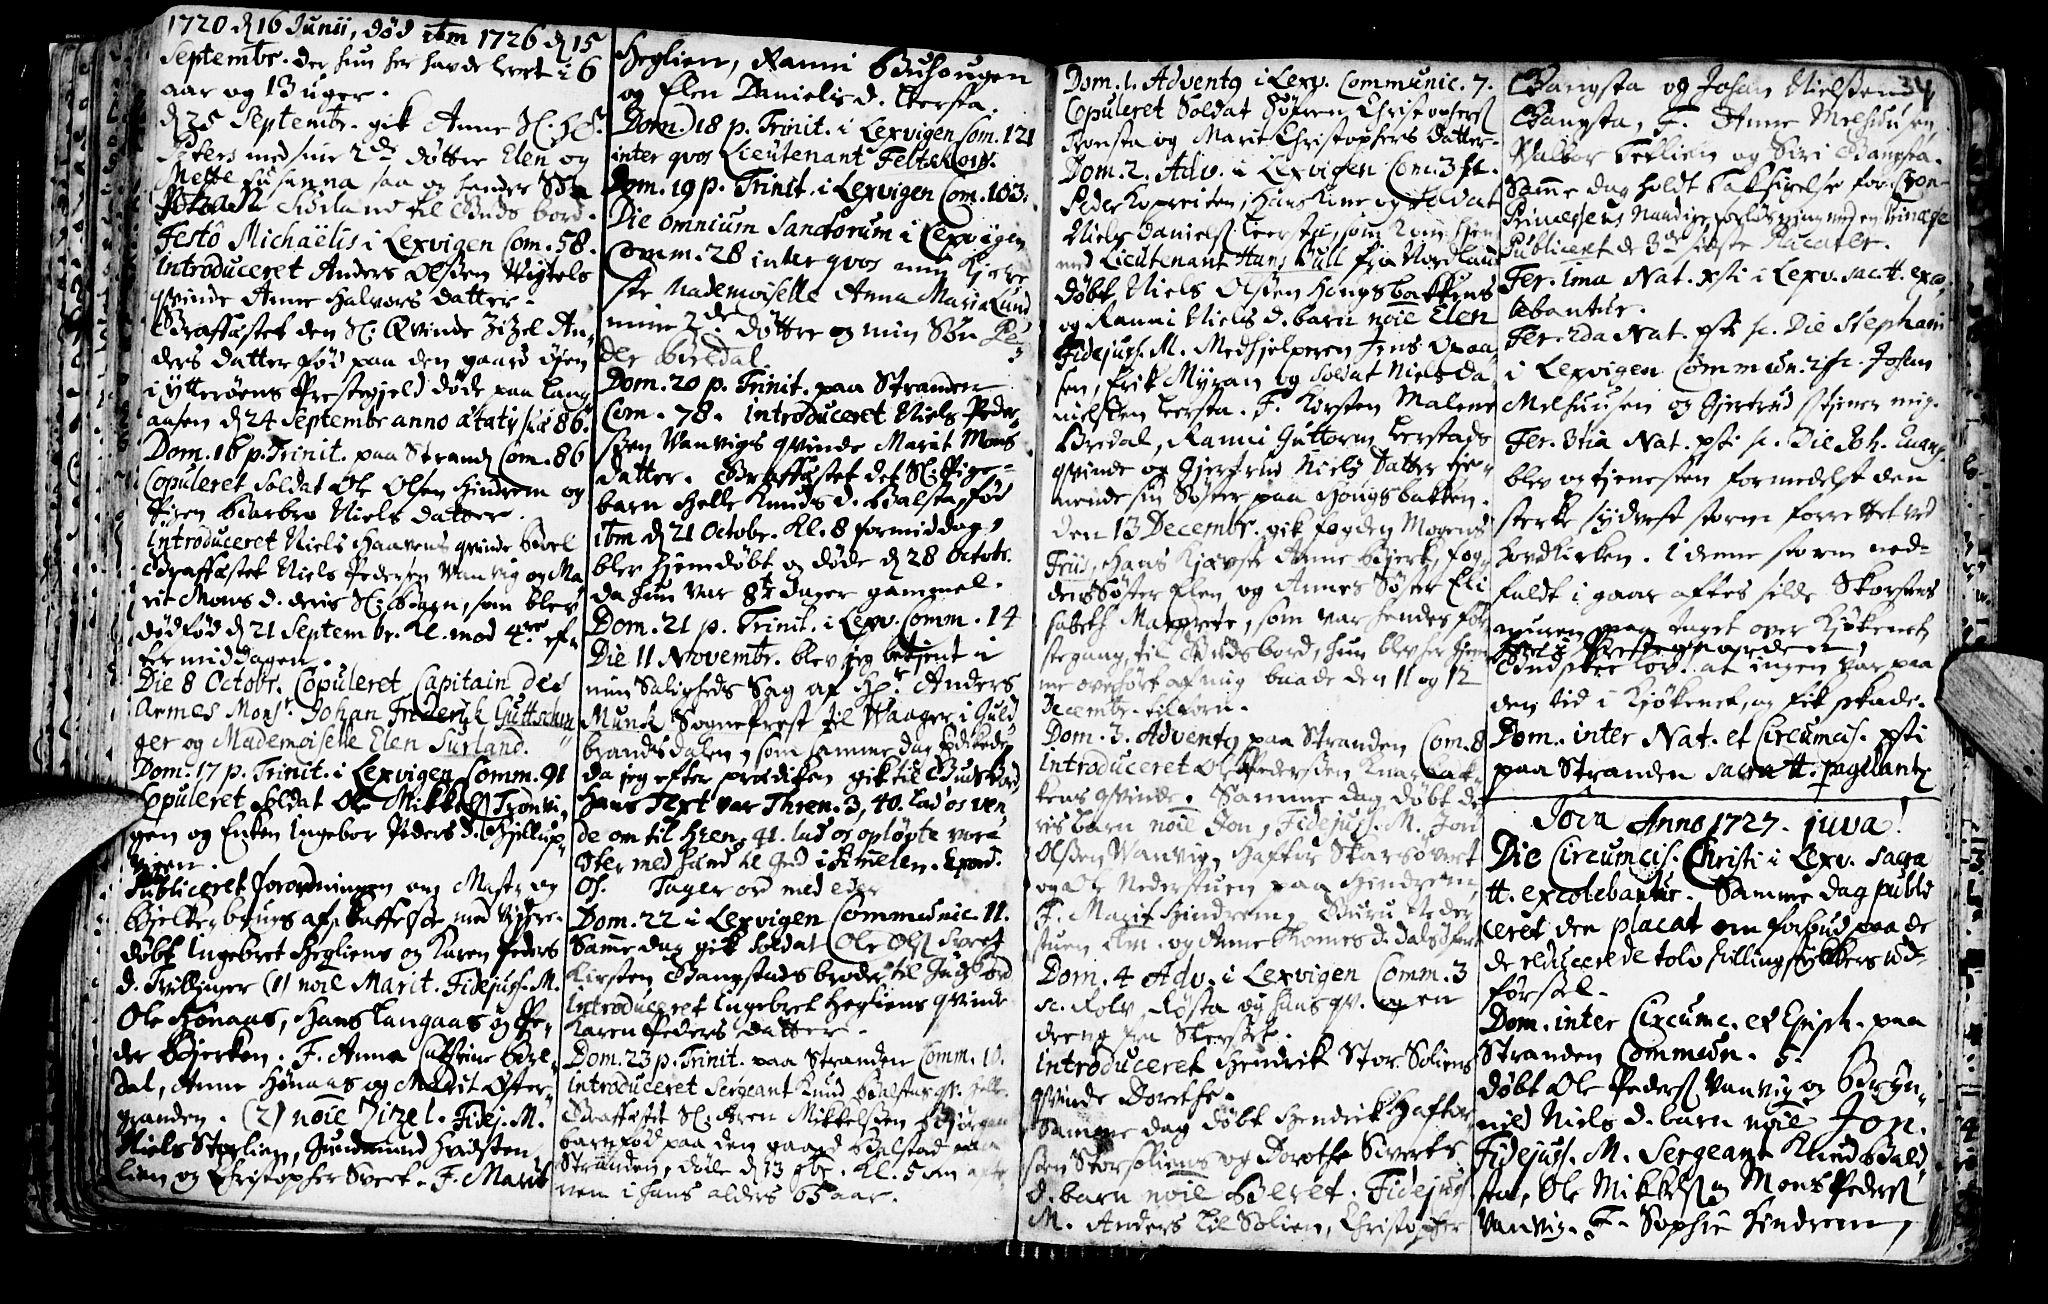 SAT, Ministerialprotokoller, klokkerbøker og fødselsregistre - Nord-Trøndelag, 701/L0001: Ministerialbok nr. 701A01, 1717-1731, s. 34